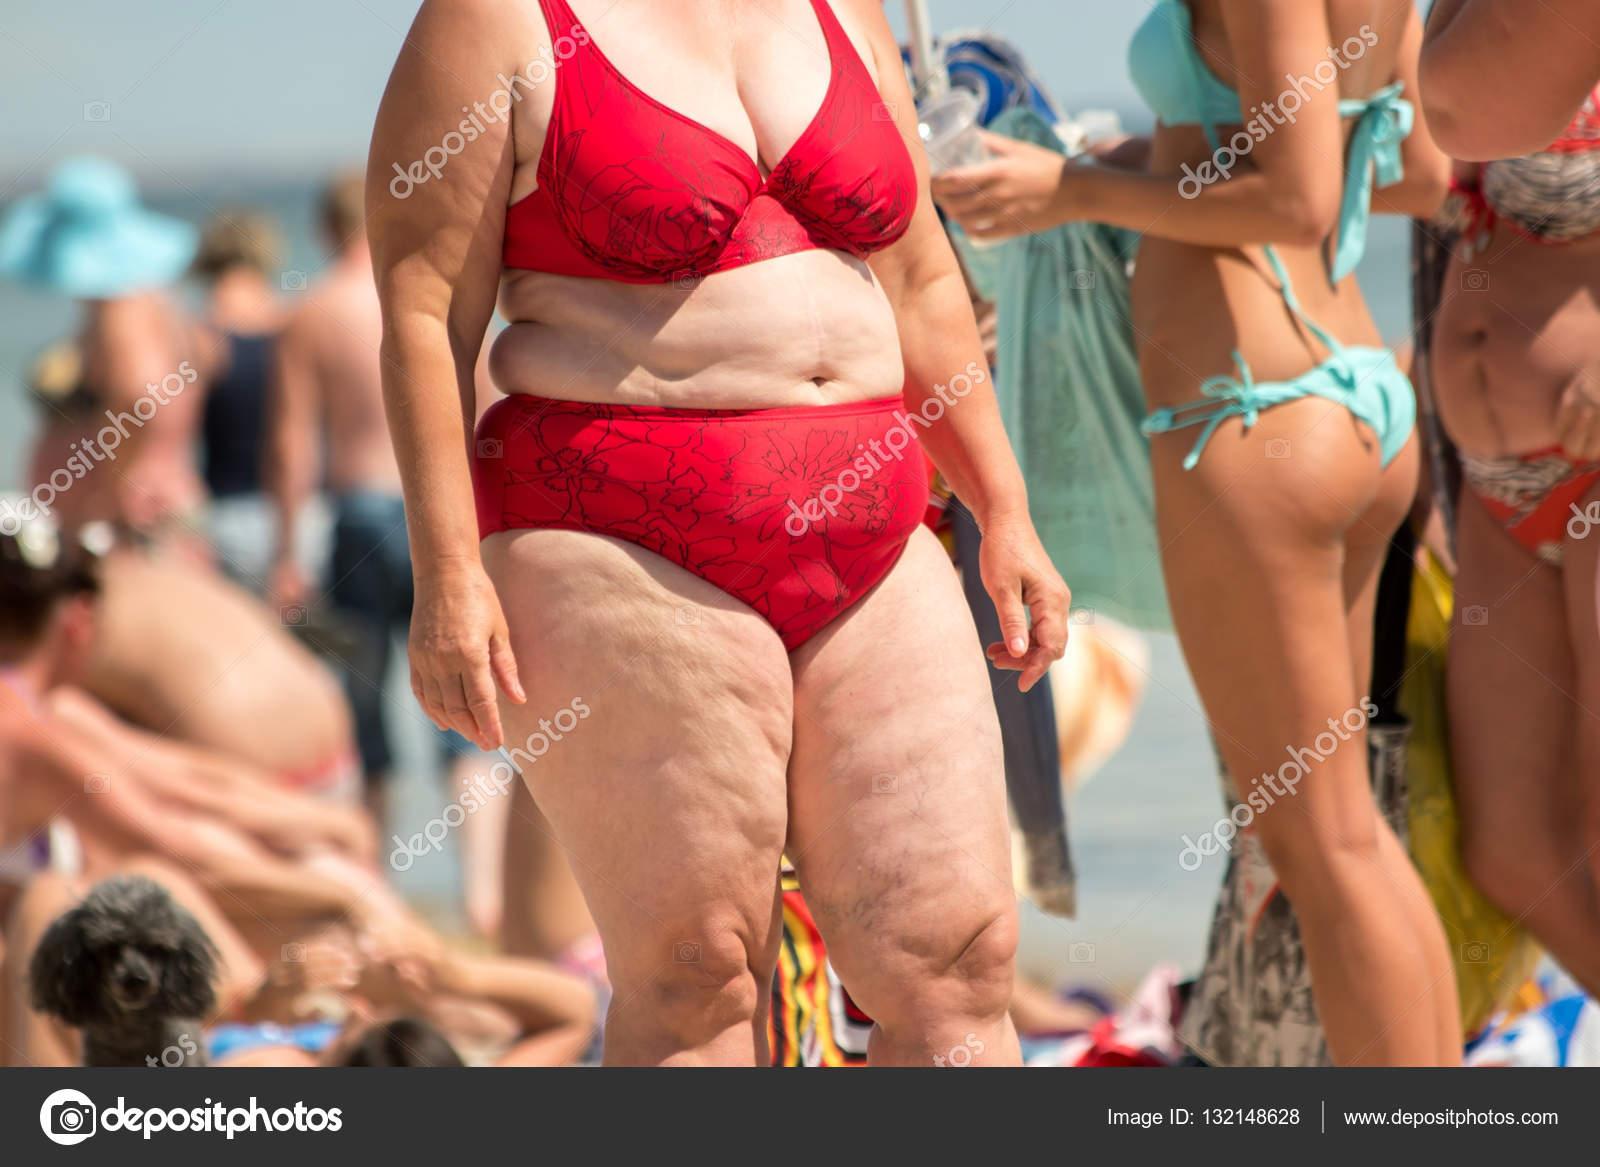 Beleibte Frau im Badeanzug. Menschen am Strand. Bewegungsmangel und  schlechte Ernährung. Risiko von Herzerkrankungen — Foto von Denisfilm 27ccee6ecc